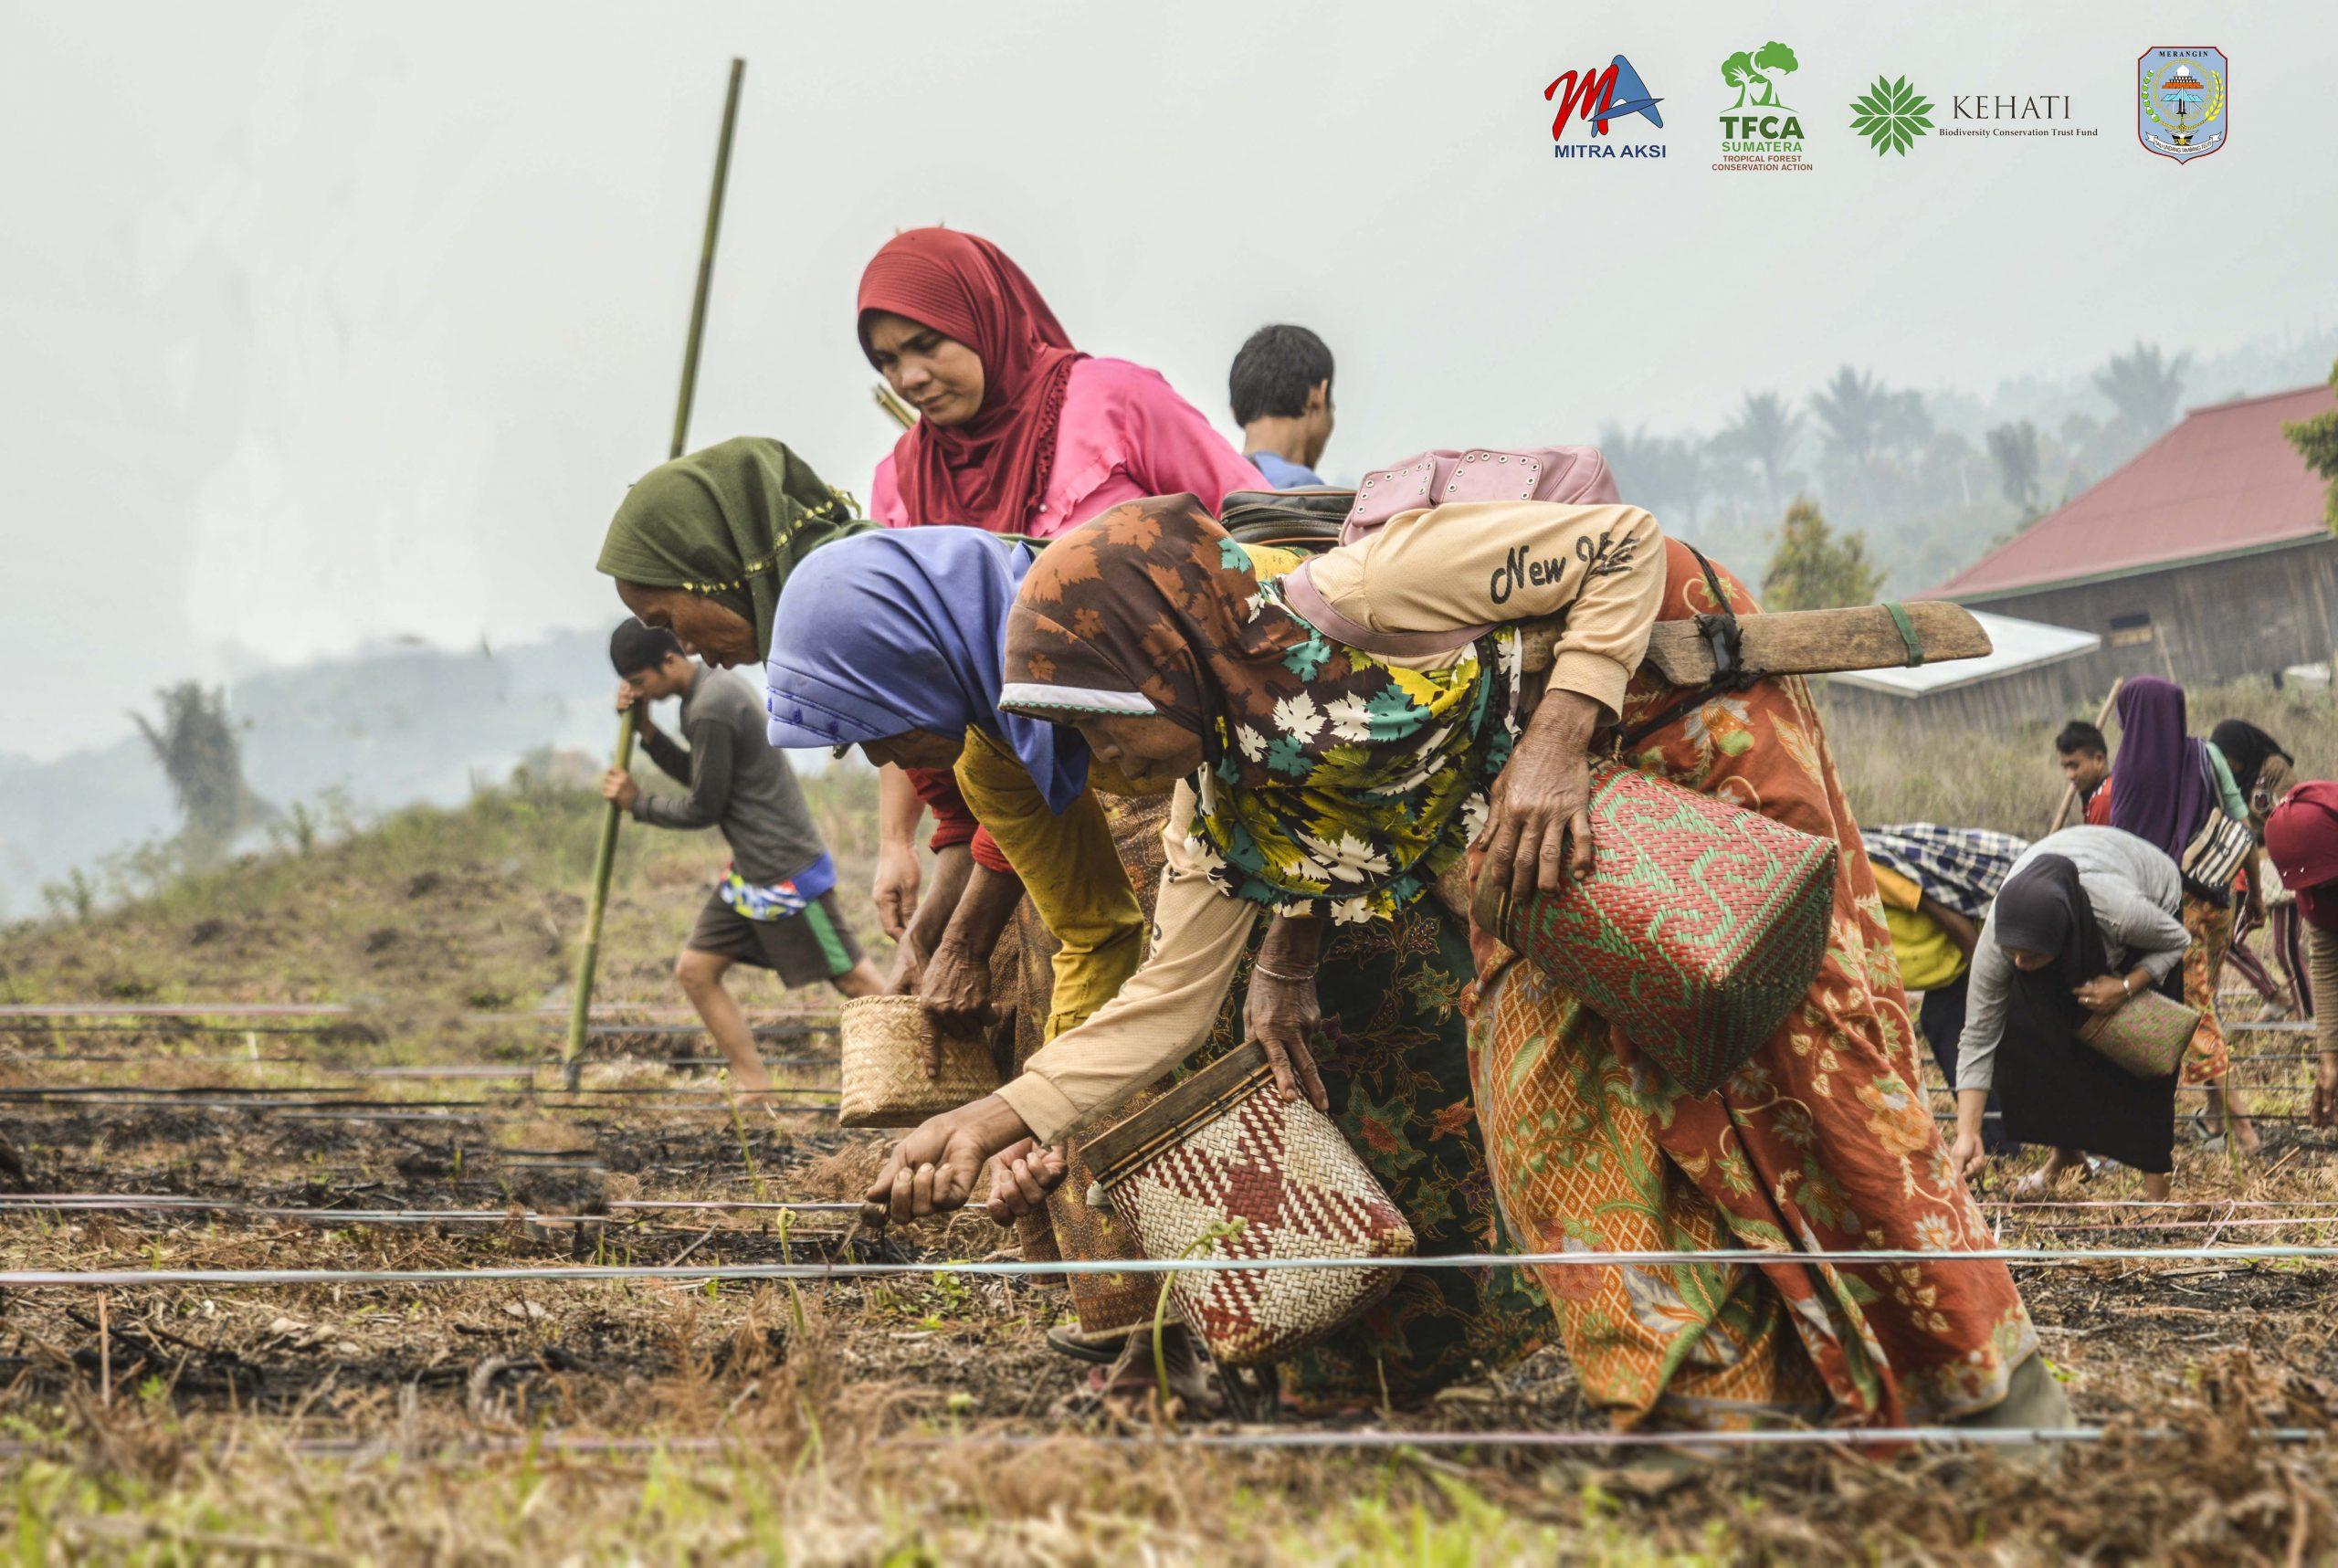 Gambar : gontong royong menanam padi ladang di Desa Renah Pelaan, Kec. jangkat - Merangin